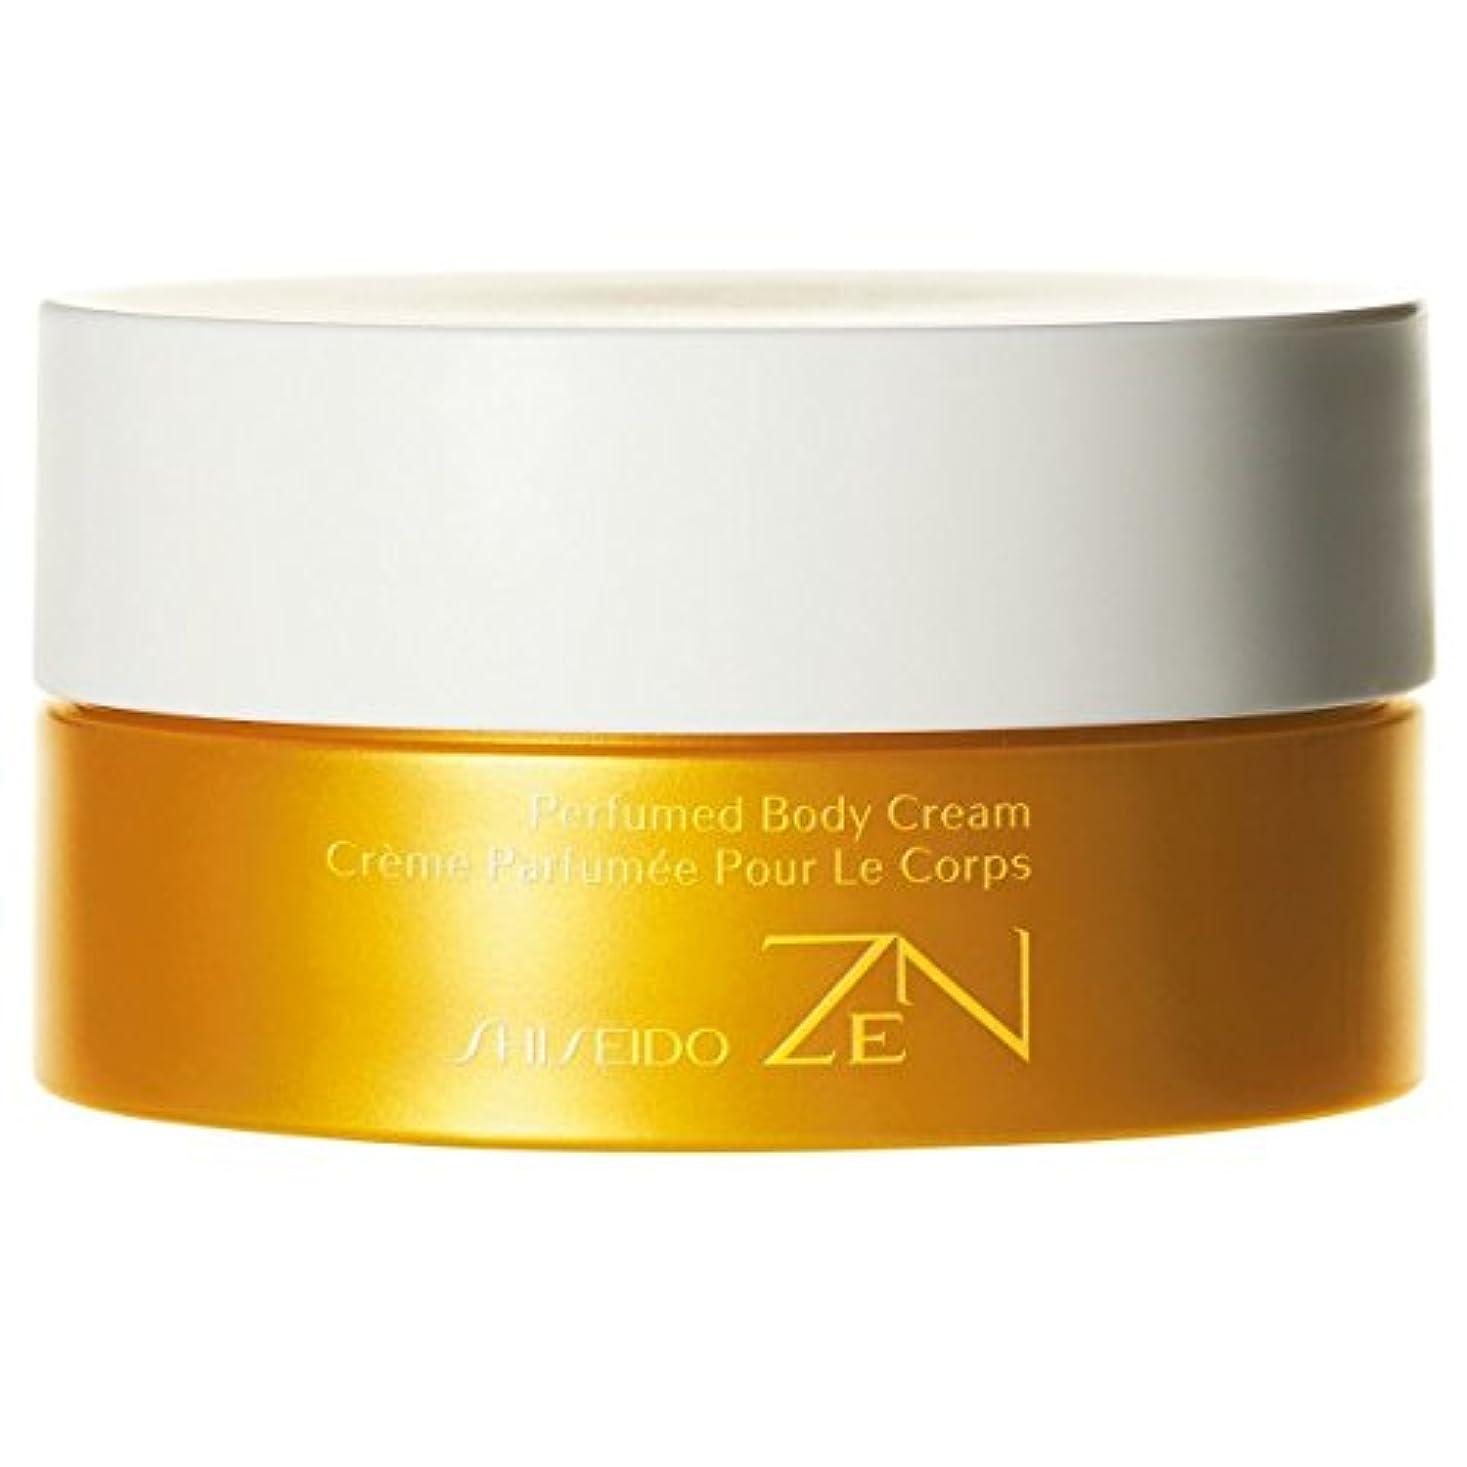 高くクラシカル彫刻[Shiseido ] 資生堂禅香りのボディクリーム200ミリリットル - Shiseido Zen Perfumed Body Cream 200ml [並行輸入品]